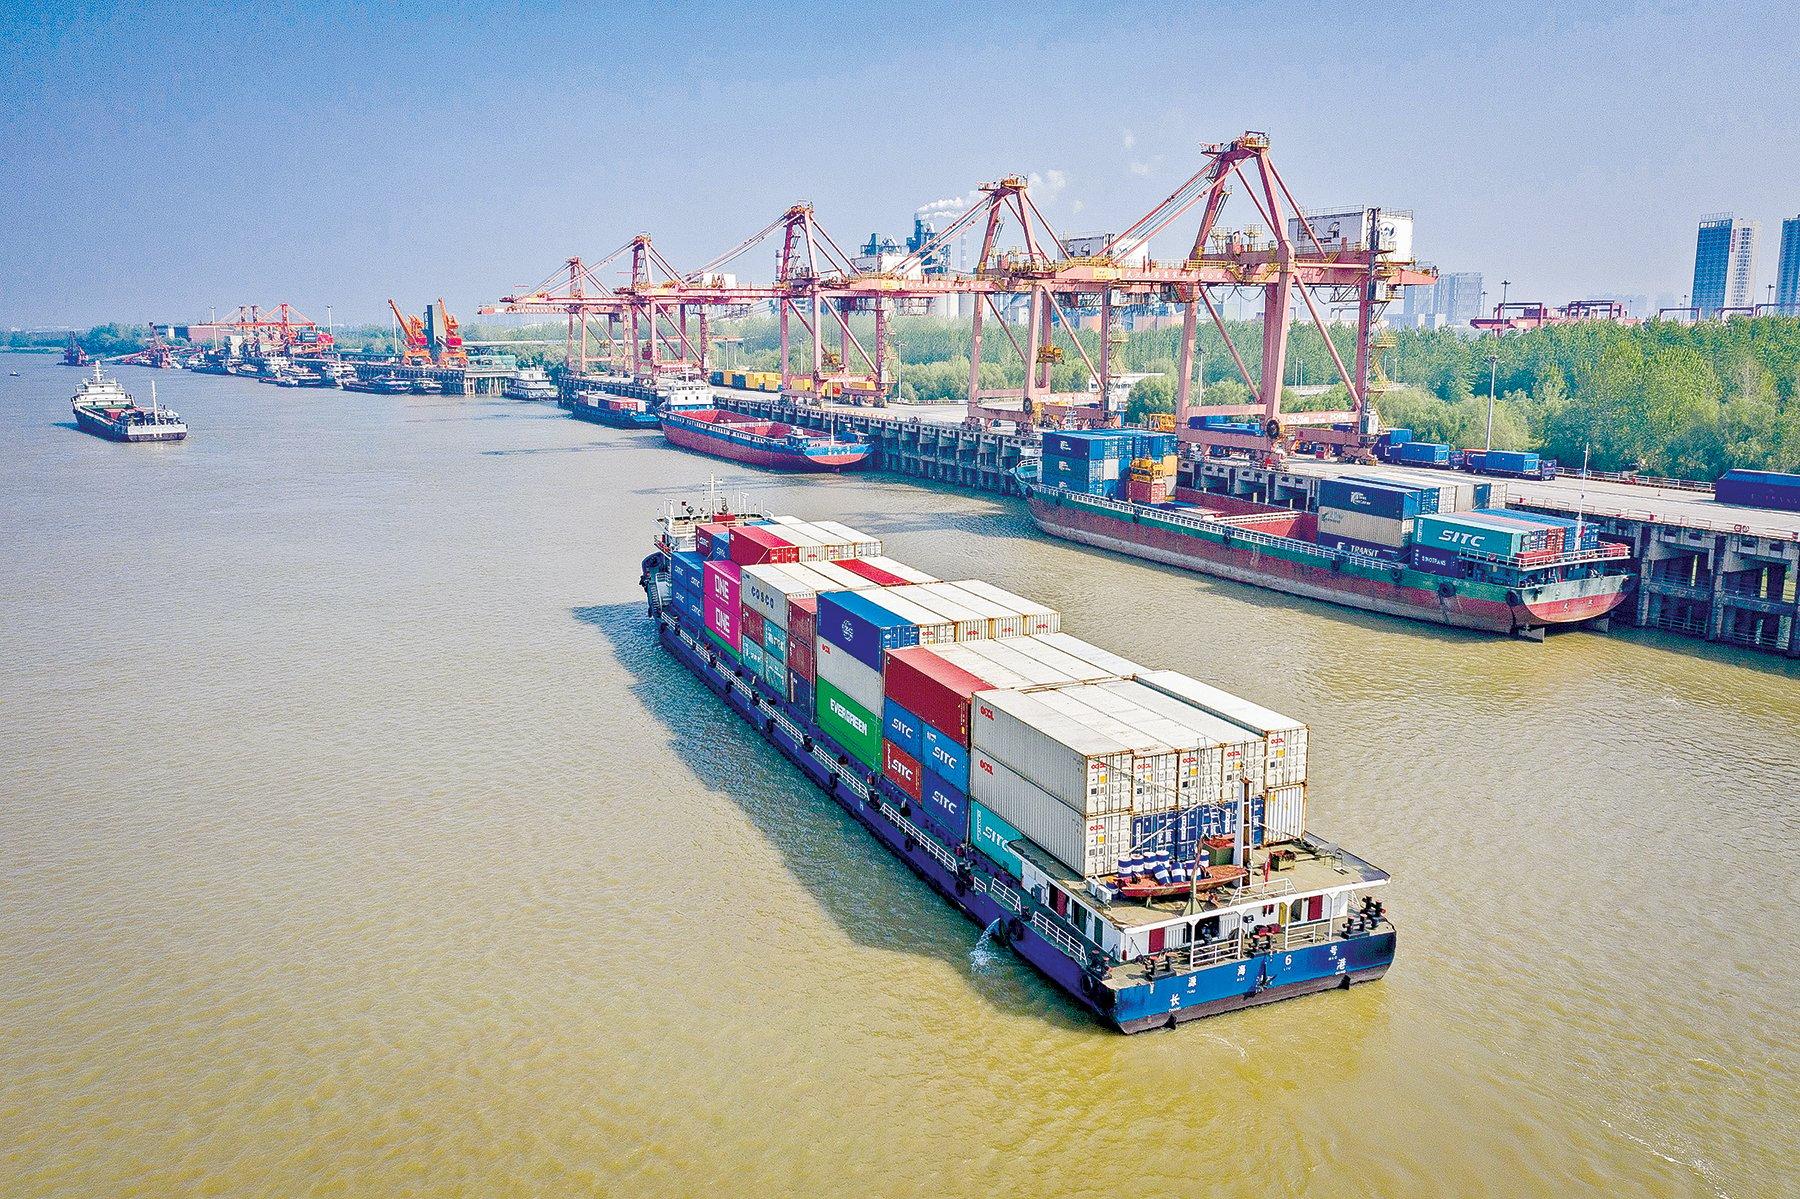 長江上的一條集裝箱貨船正在準備進港,拍攝於2020年4月12日。(STR/AFP via Getty Images)